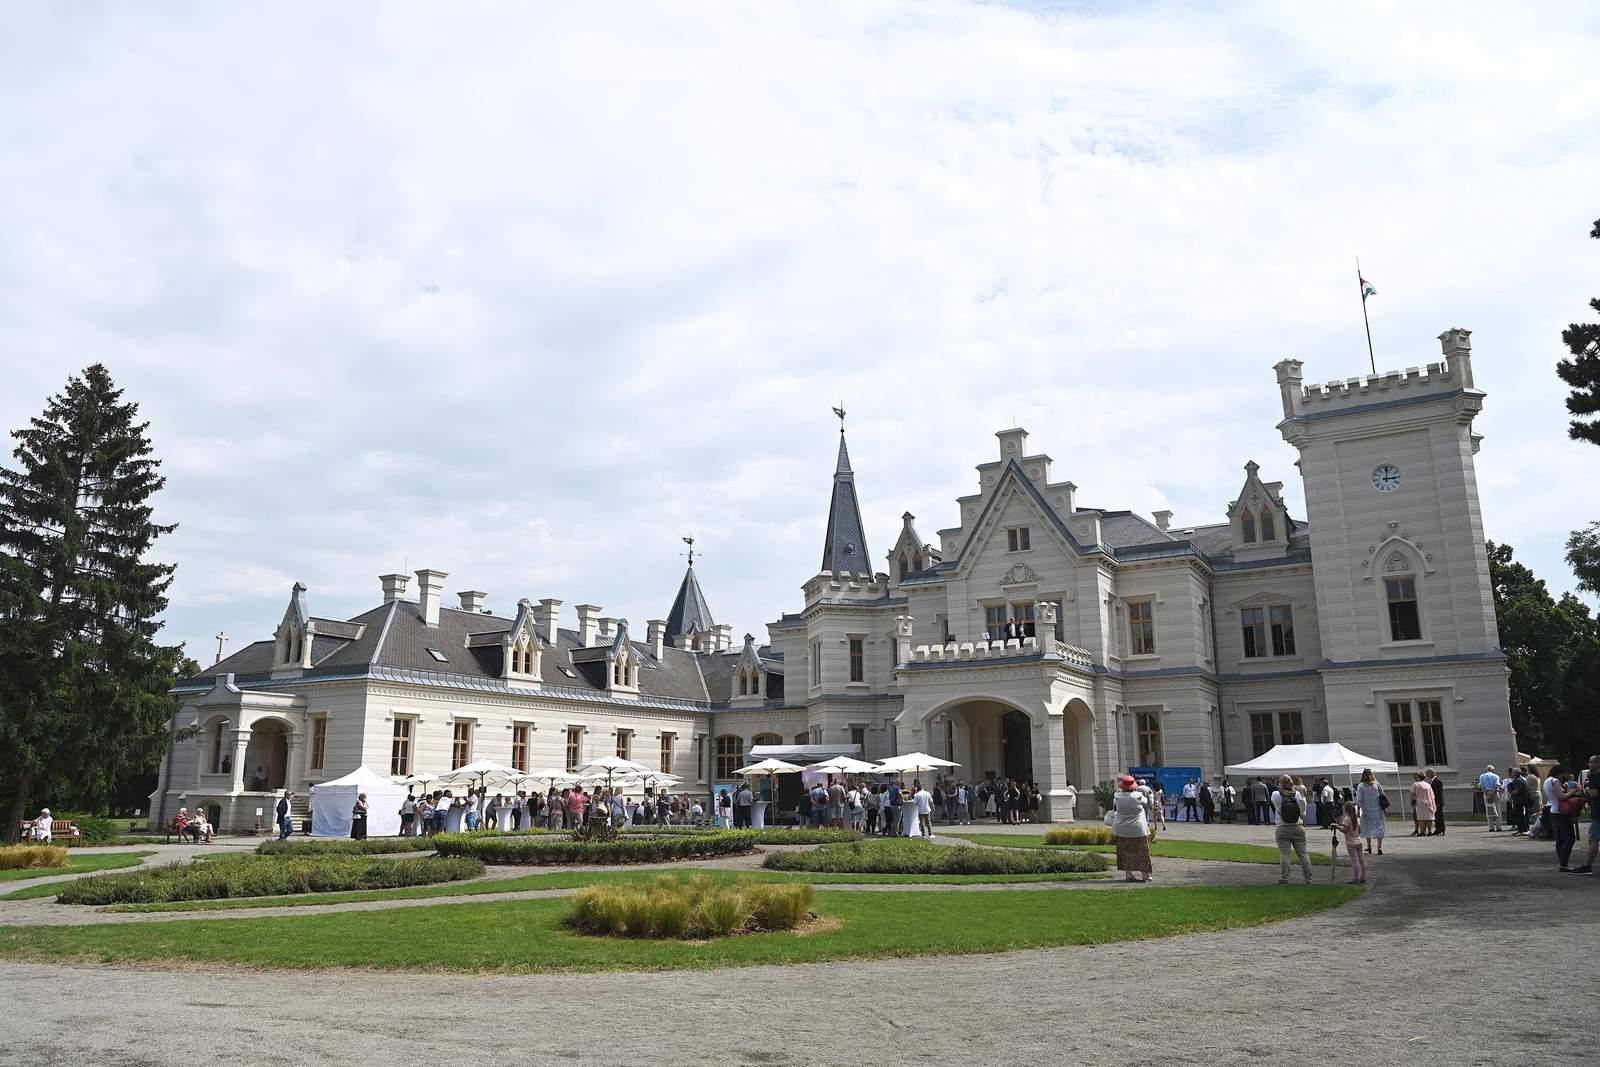 Nádasdladány, Nádasdy-kastély. Megújult a Nádasdy-kastély